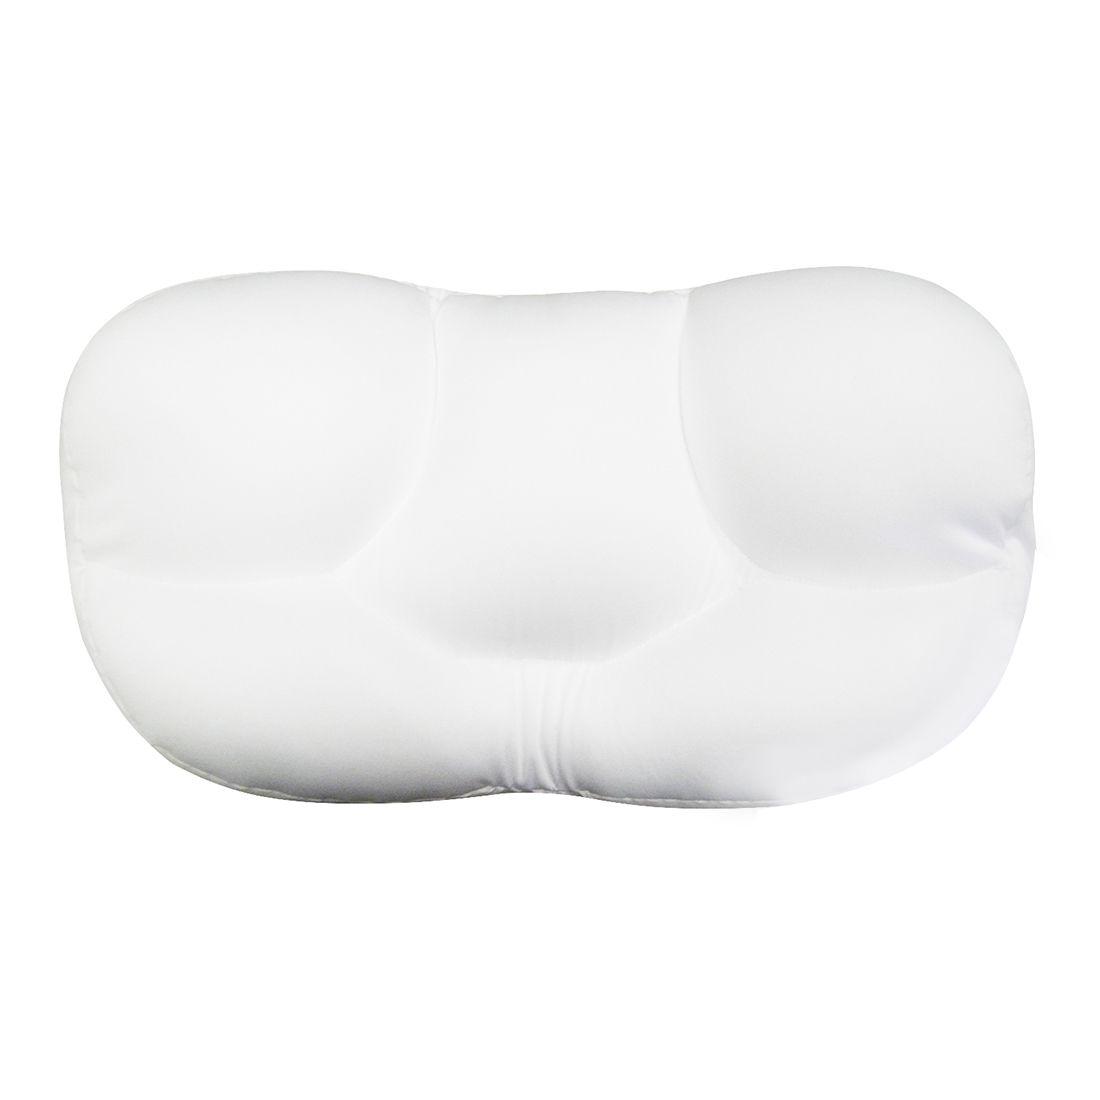 Travesseiro Almofada Ovo Dormir Dor nas Costas Alinha Coluna Viagem Isopor Micropérola